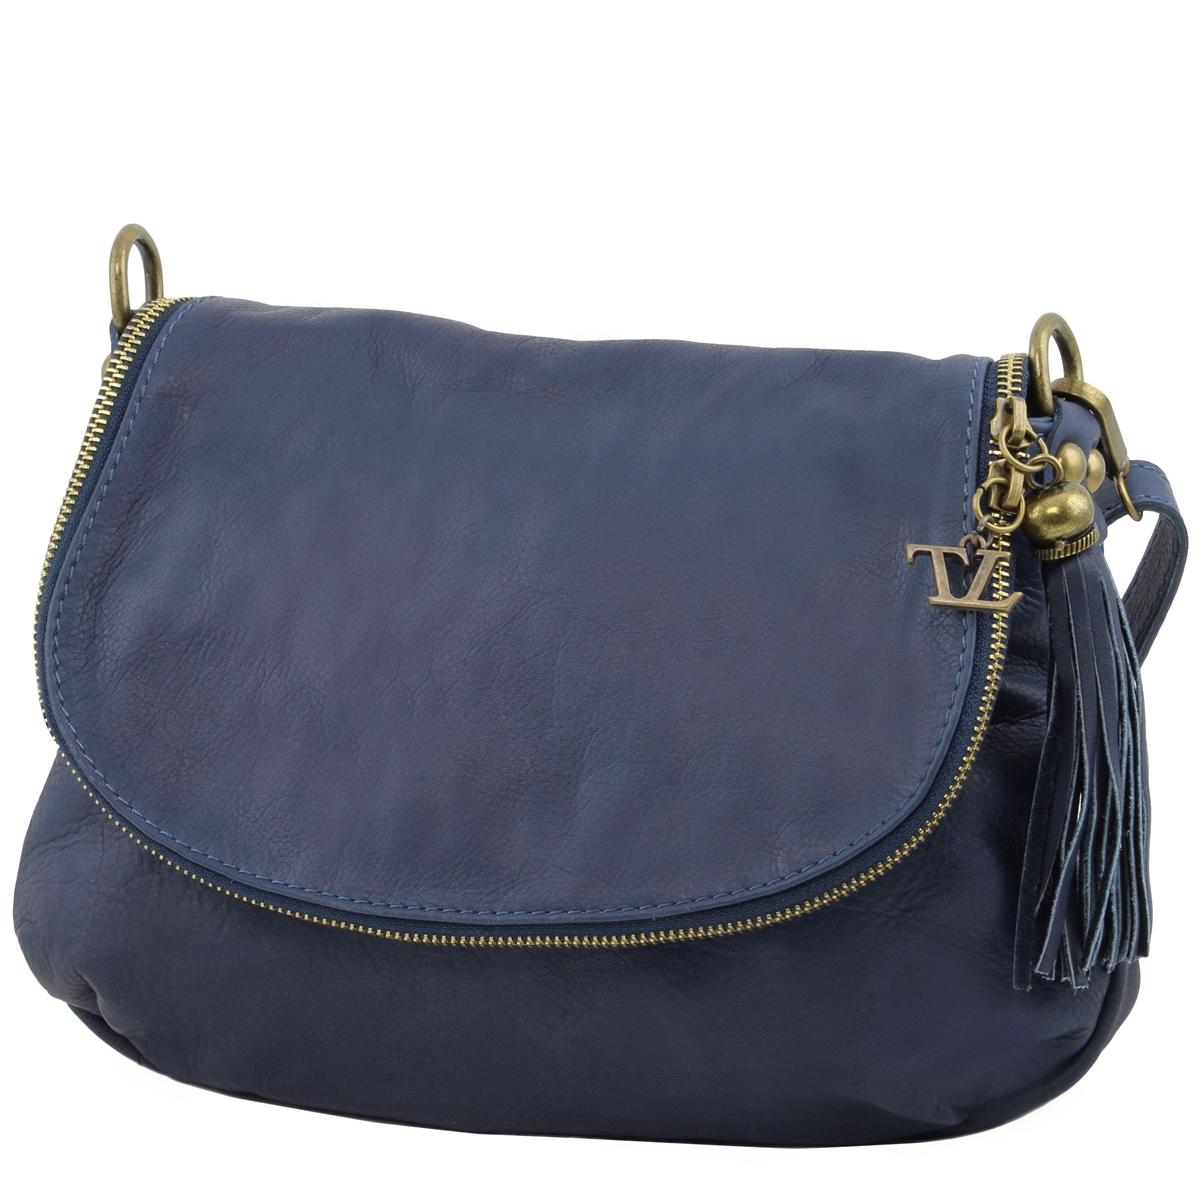 e7f13c2e1ea TL141223 Soft leather shoulder bag - Dark Blue   Tuscany Leather Australia